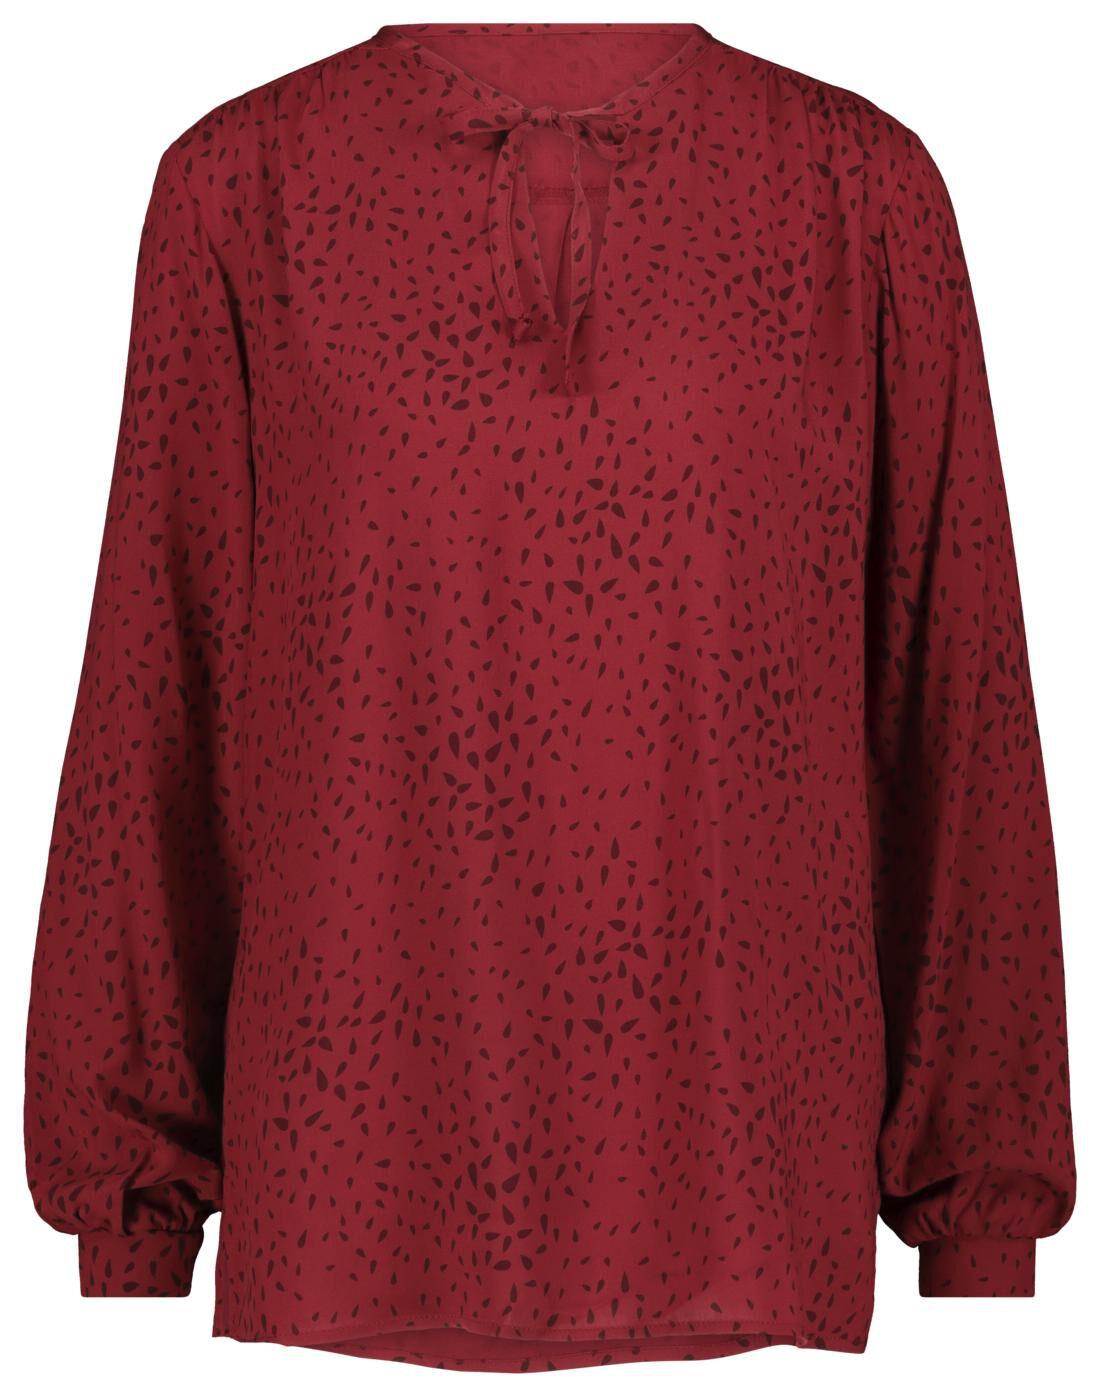 HEMA Dames Top Rood (rood)